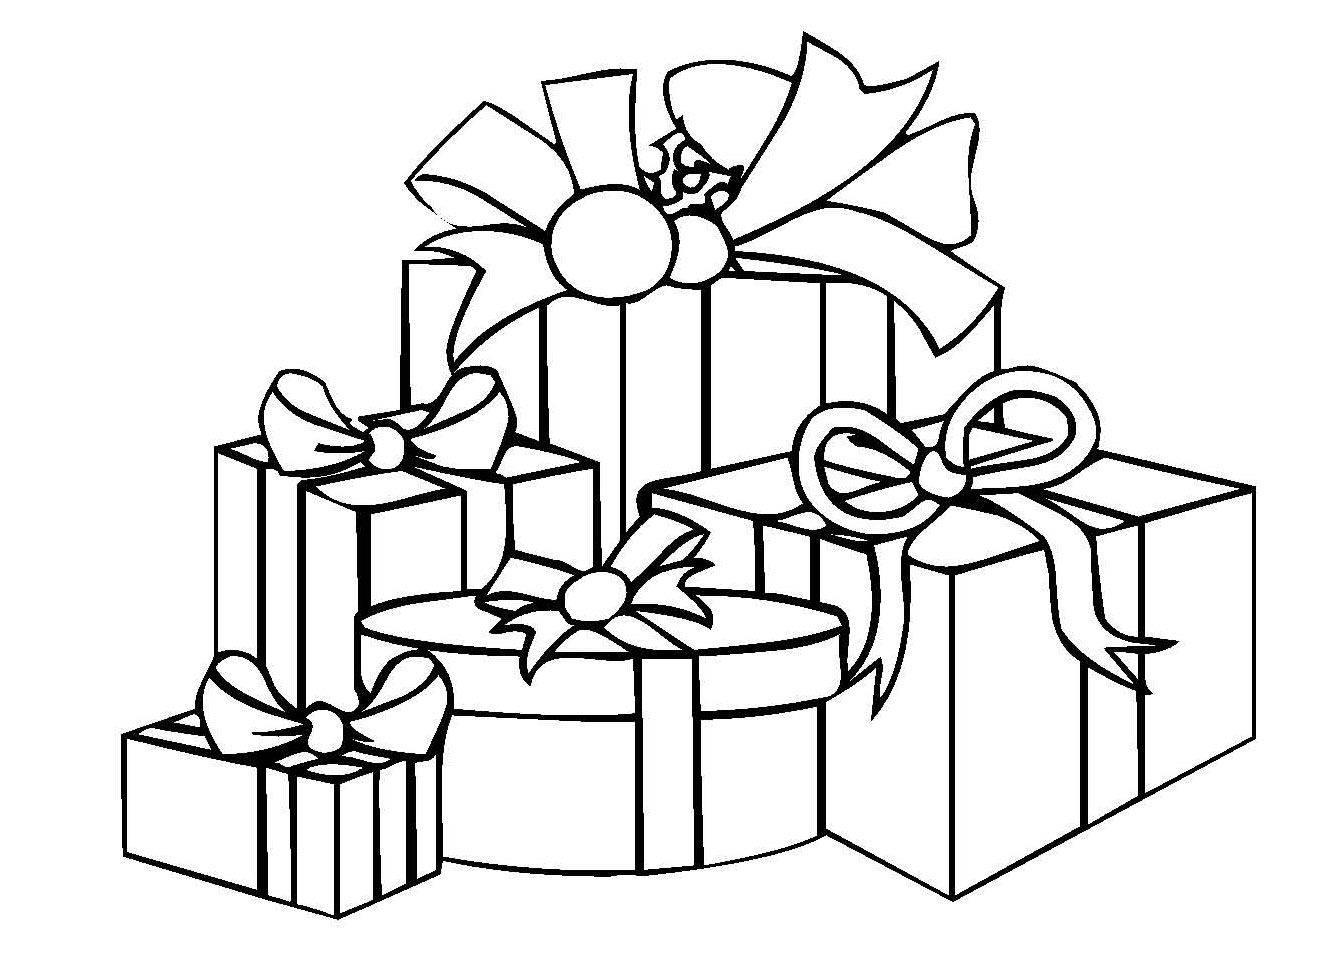 kostenlose malvorlage weihnachten weihnachtsgeschenke zum ausmalen. Black Bedroom Furniture Sets. Home Design Ideas